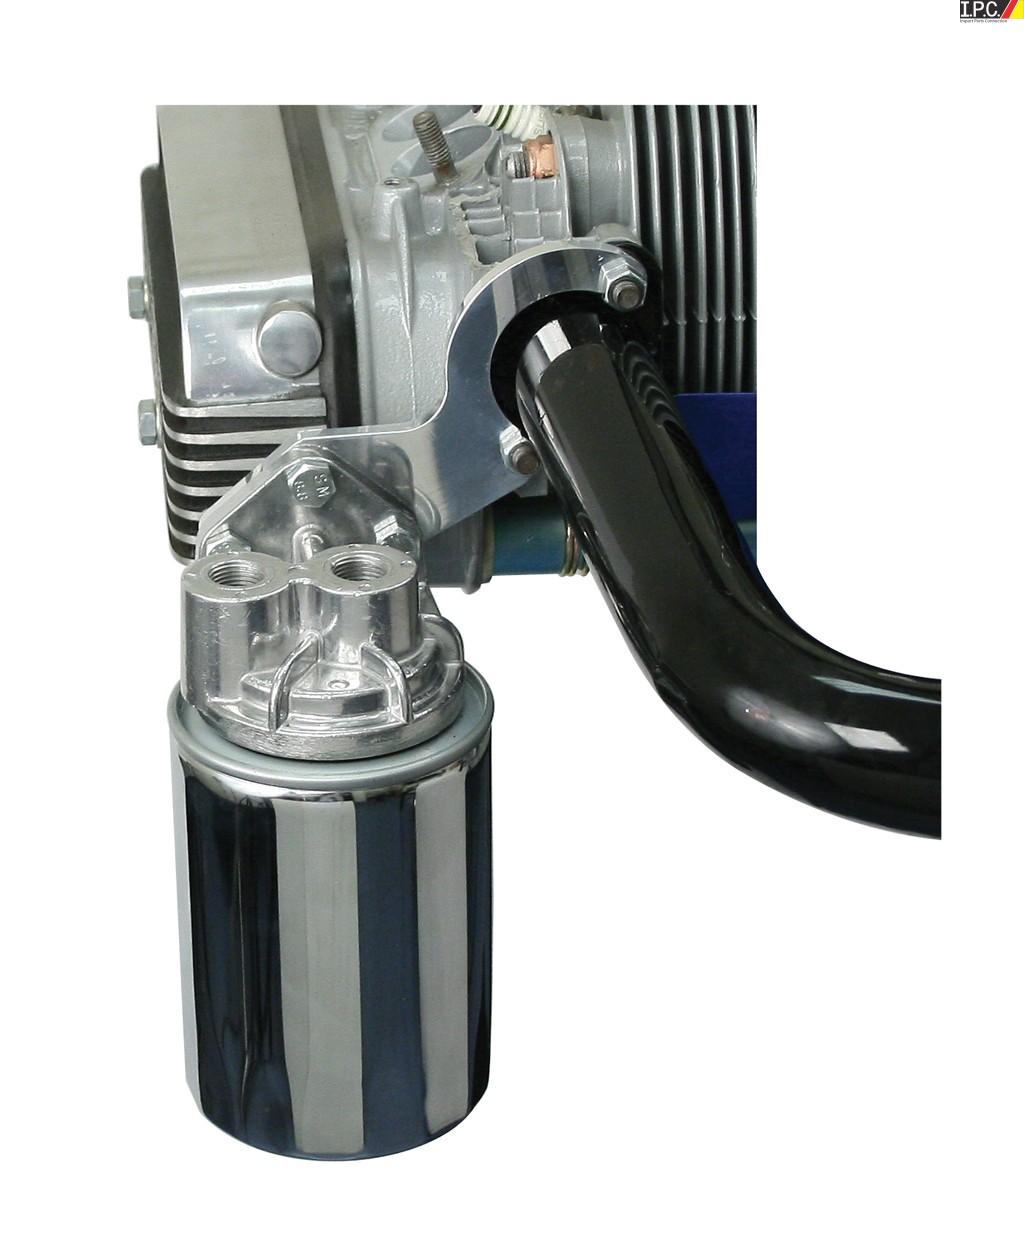 Vw 1600 Oil Filter Kit – name